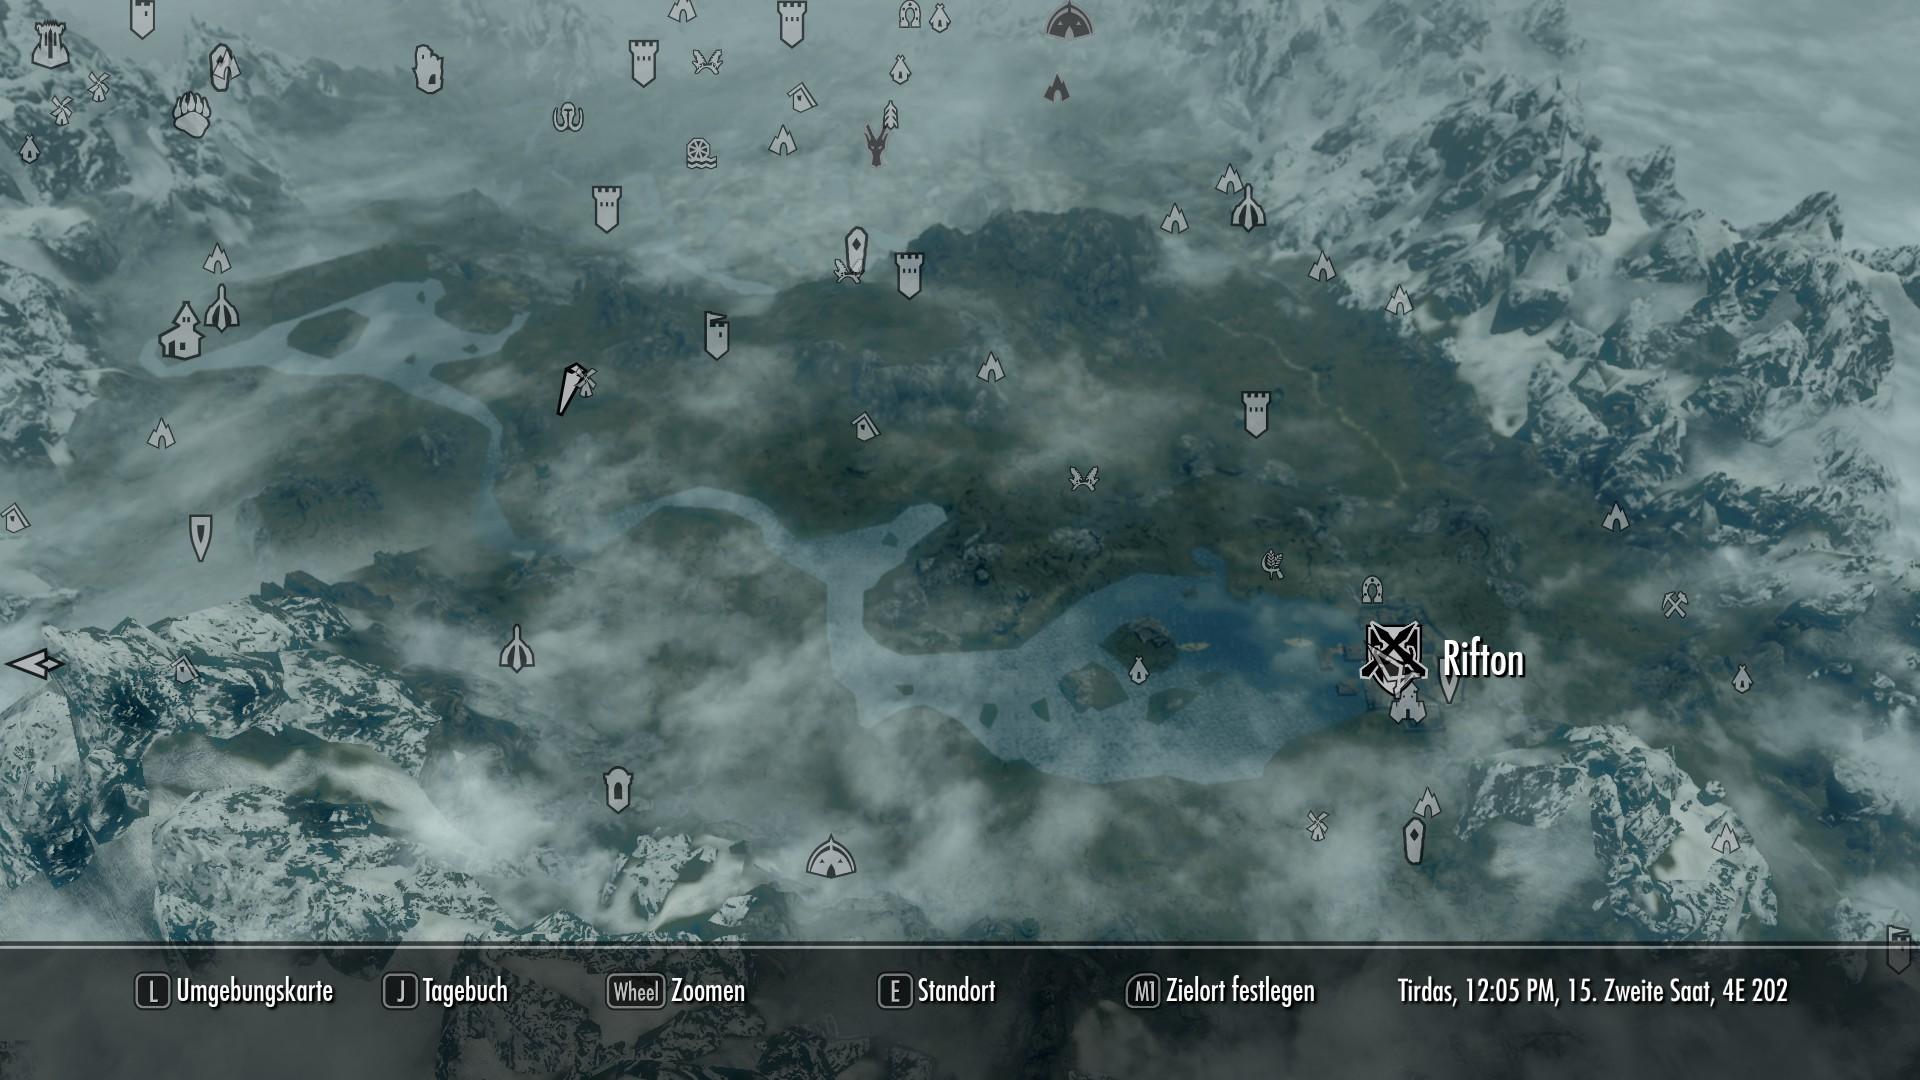 Steam Community :: Guide :: Tränke und Gifte in Skyrim